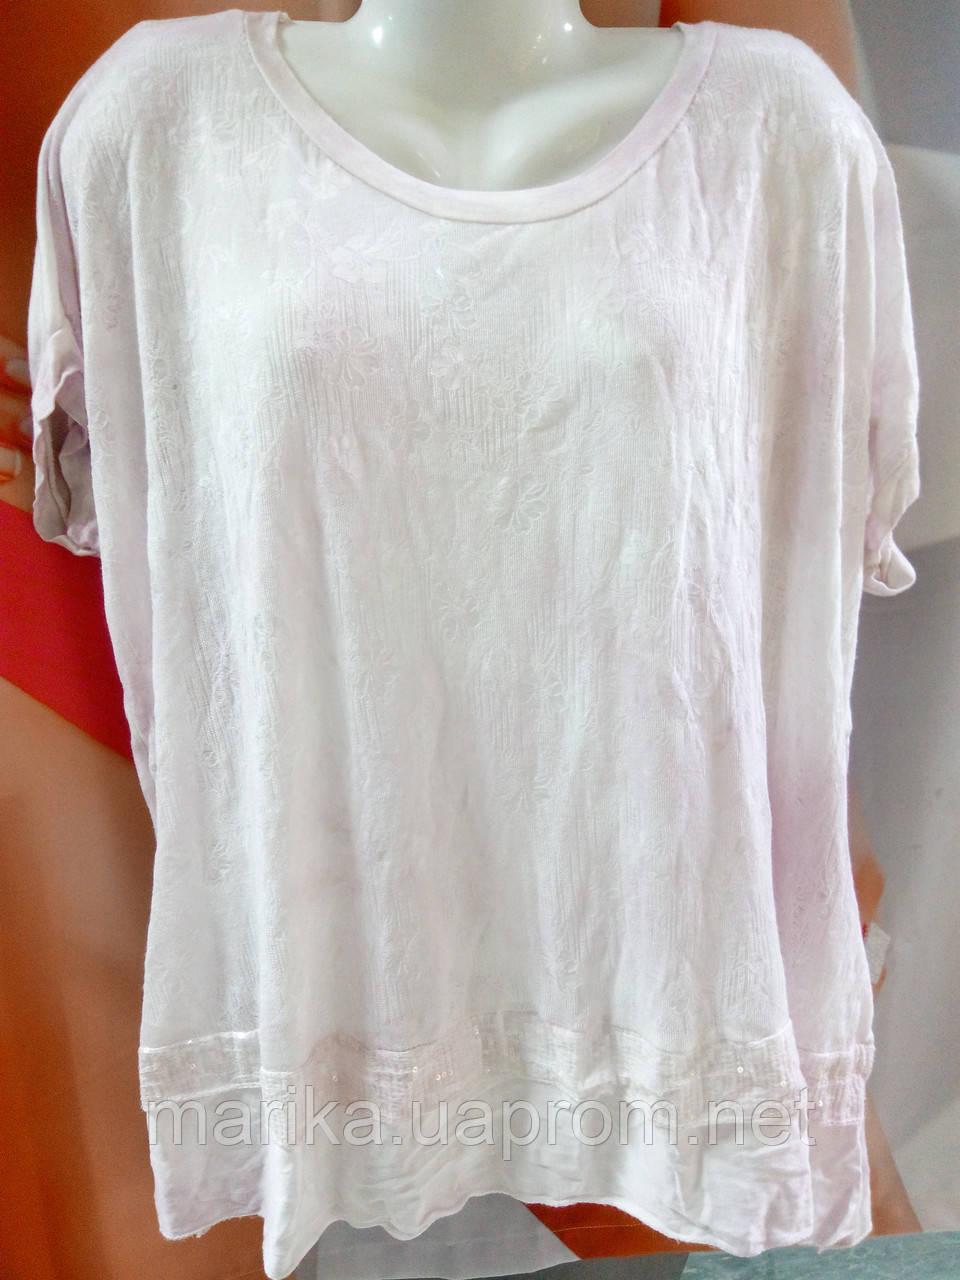 Купить блузки женские большого размера